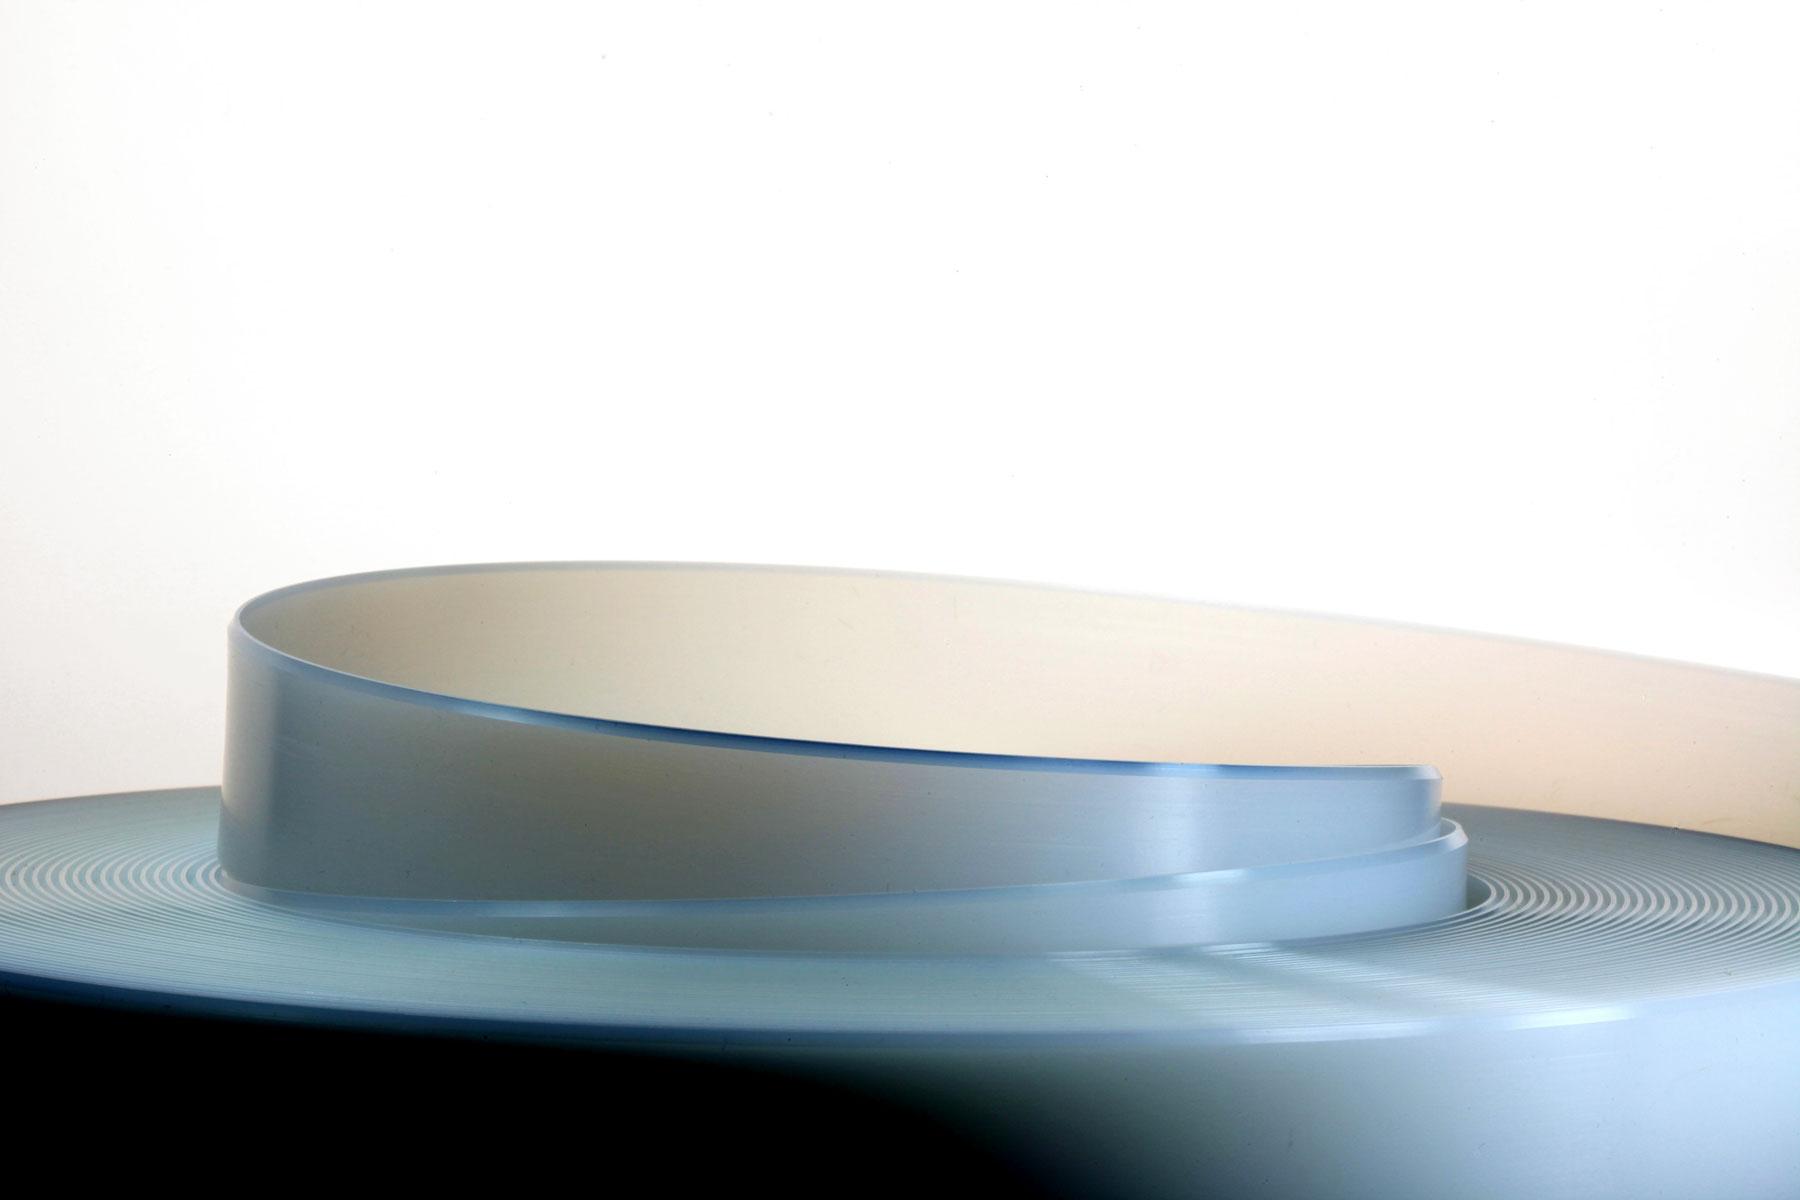 rotoswiss-produkte-pearl-rakel-weiss-polietilen